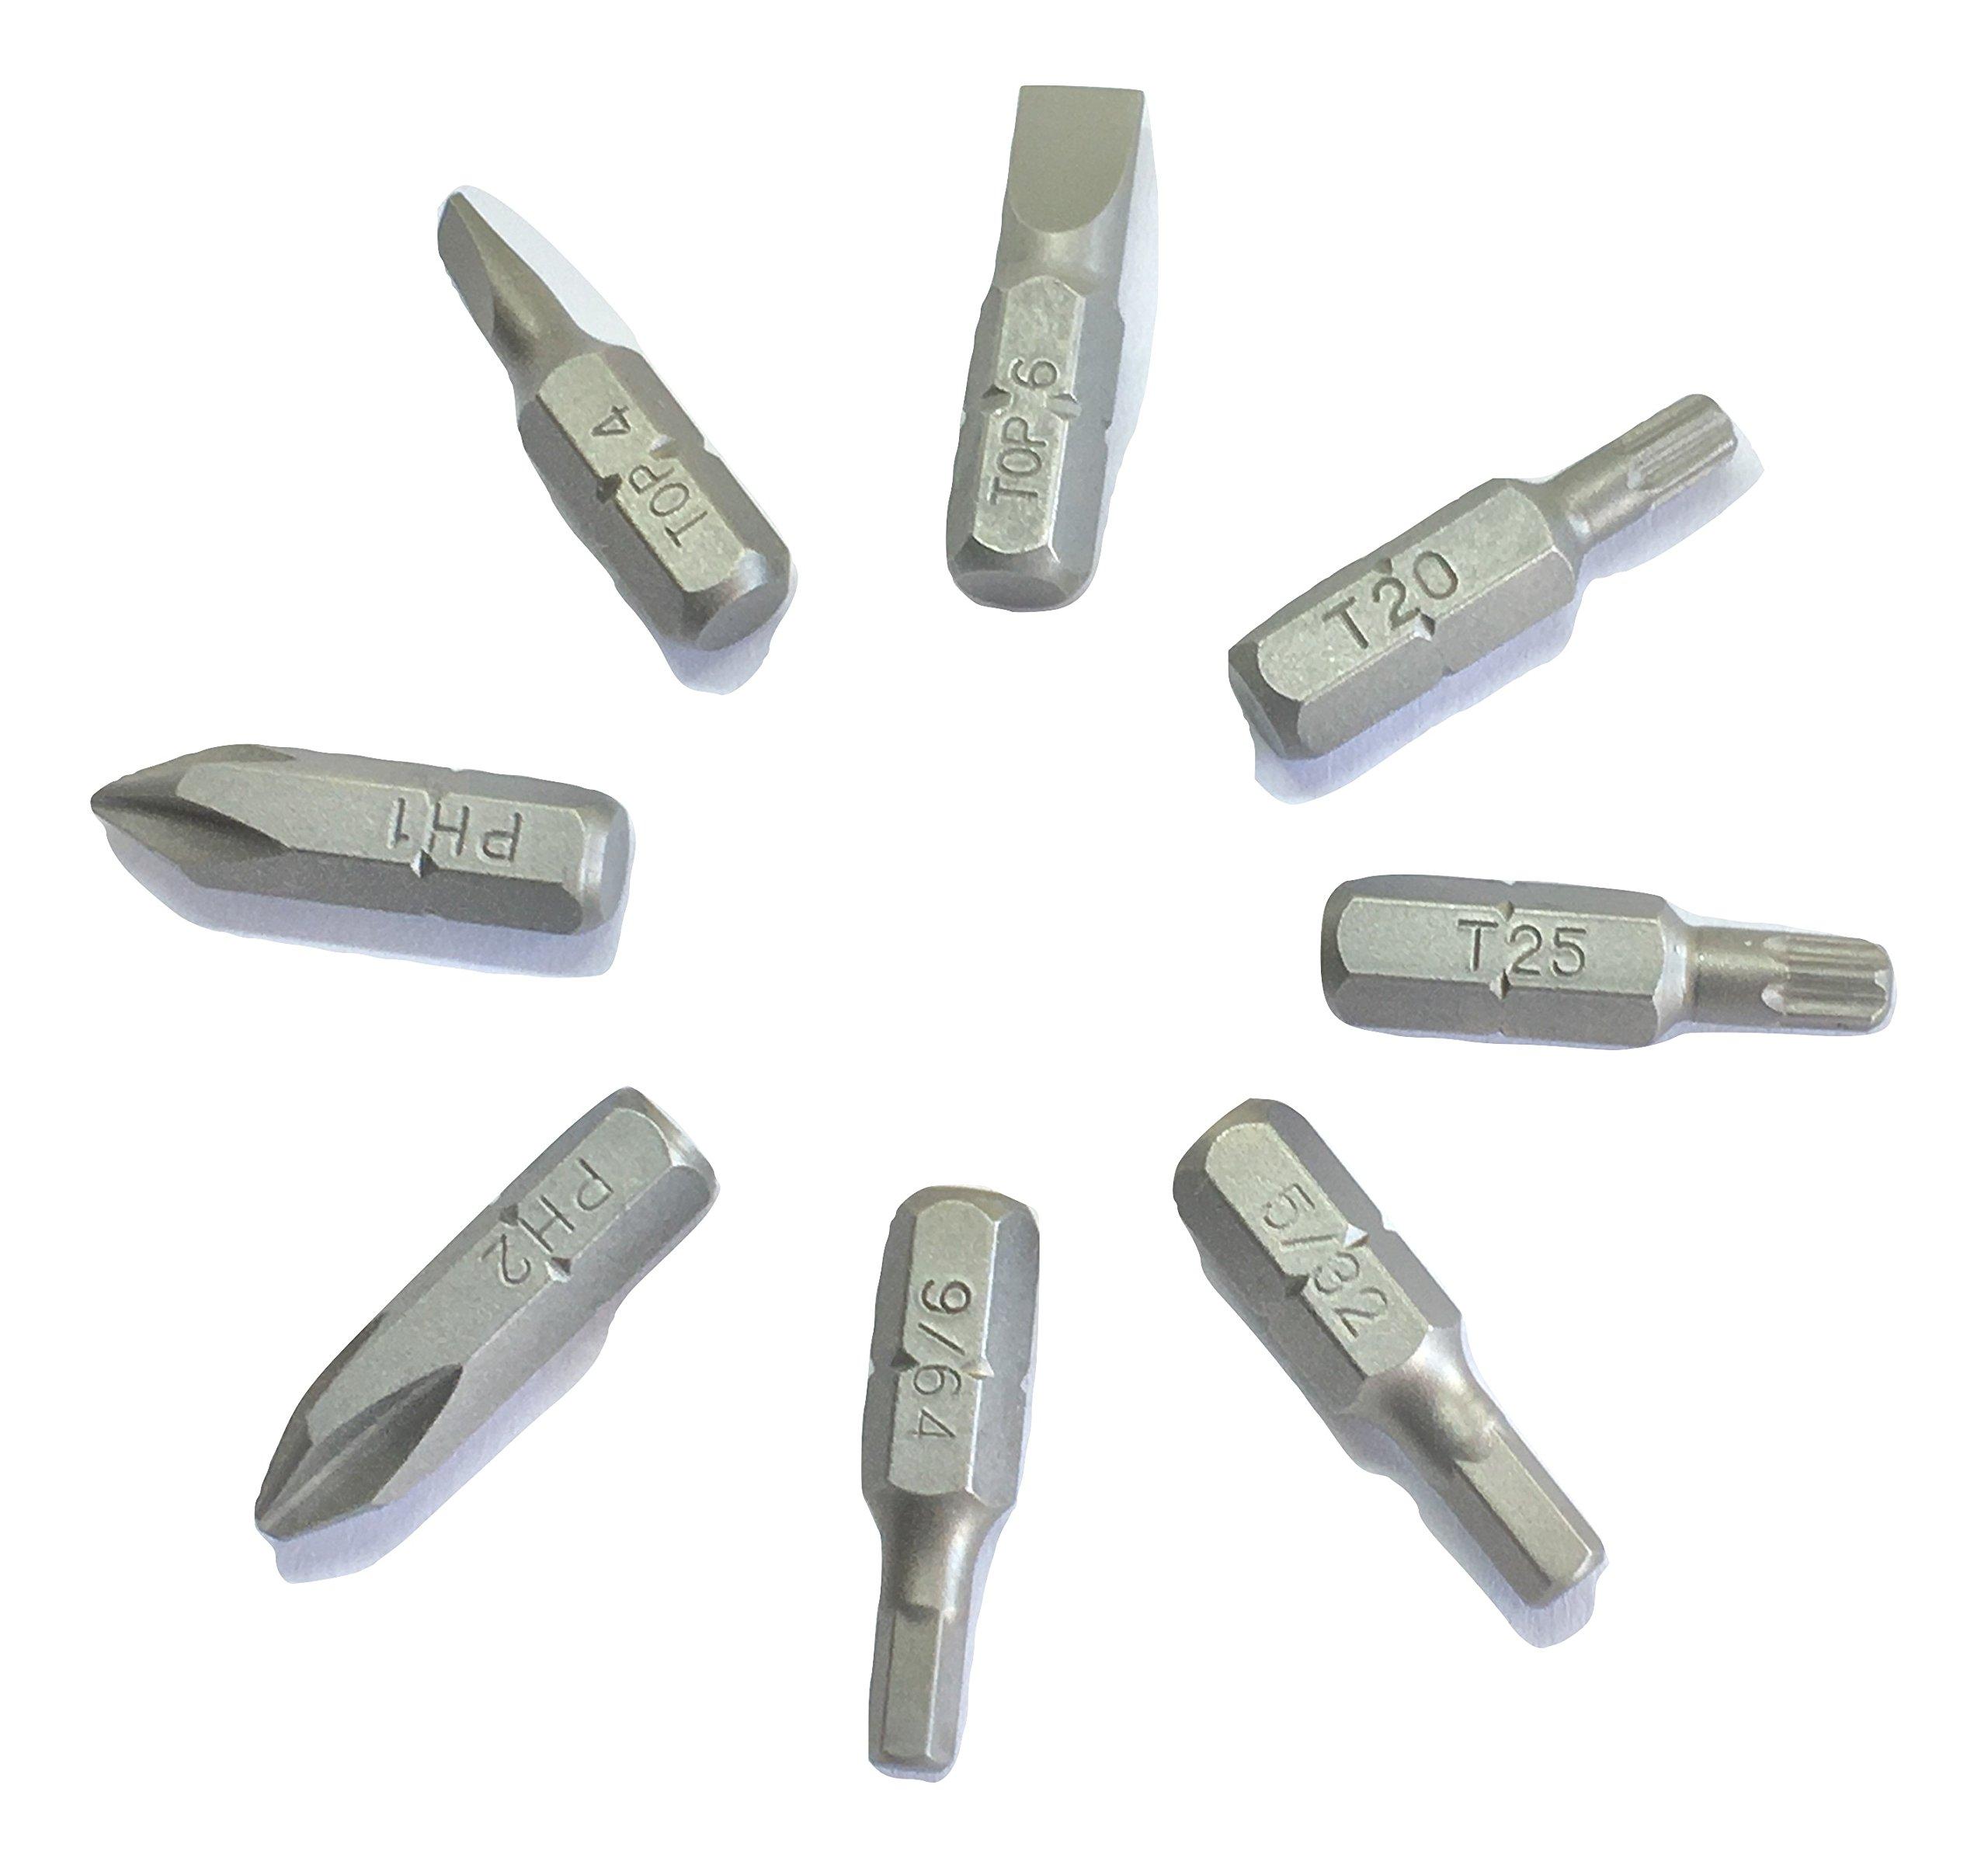 1//4 Drive T-25 USA K-Tool International KTI KTI21625 Torx Bit